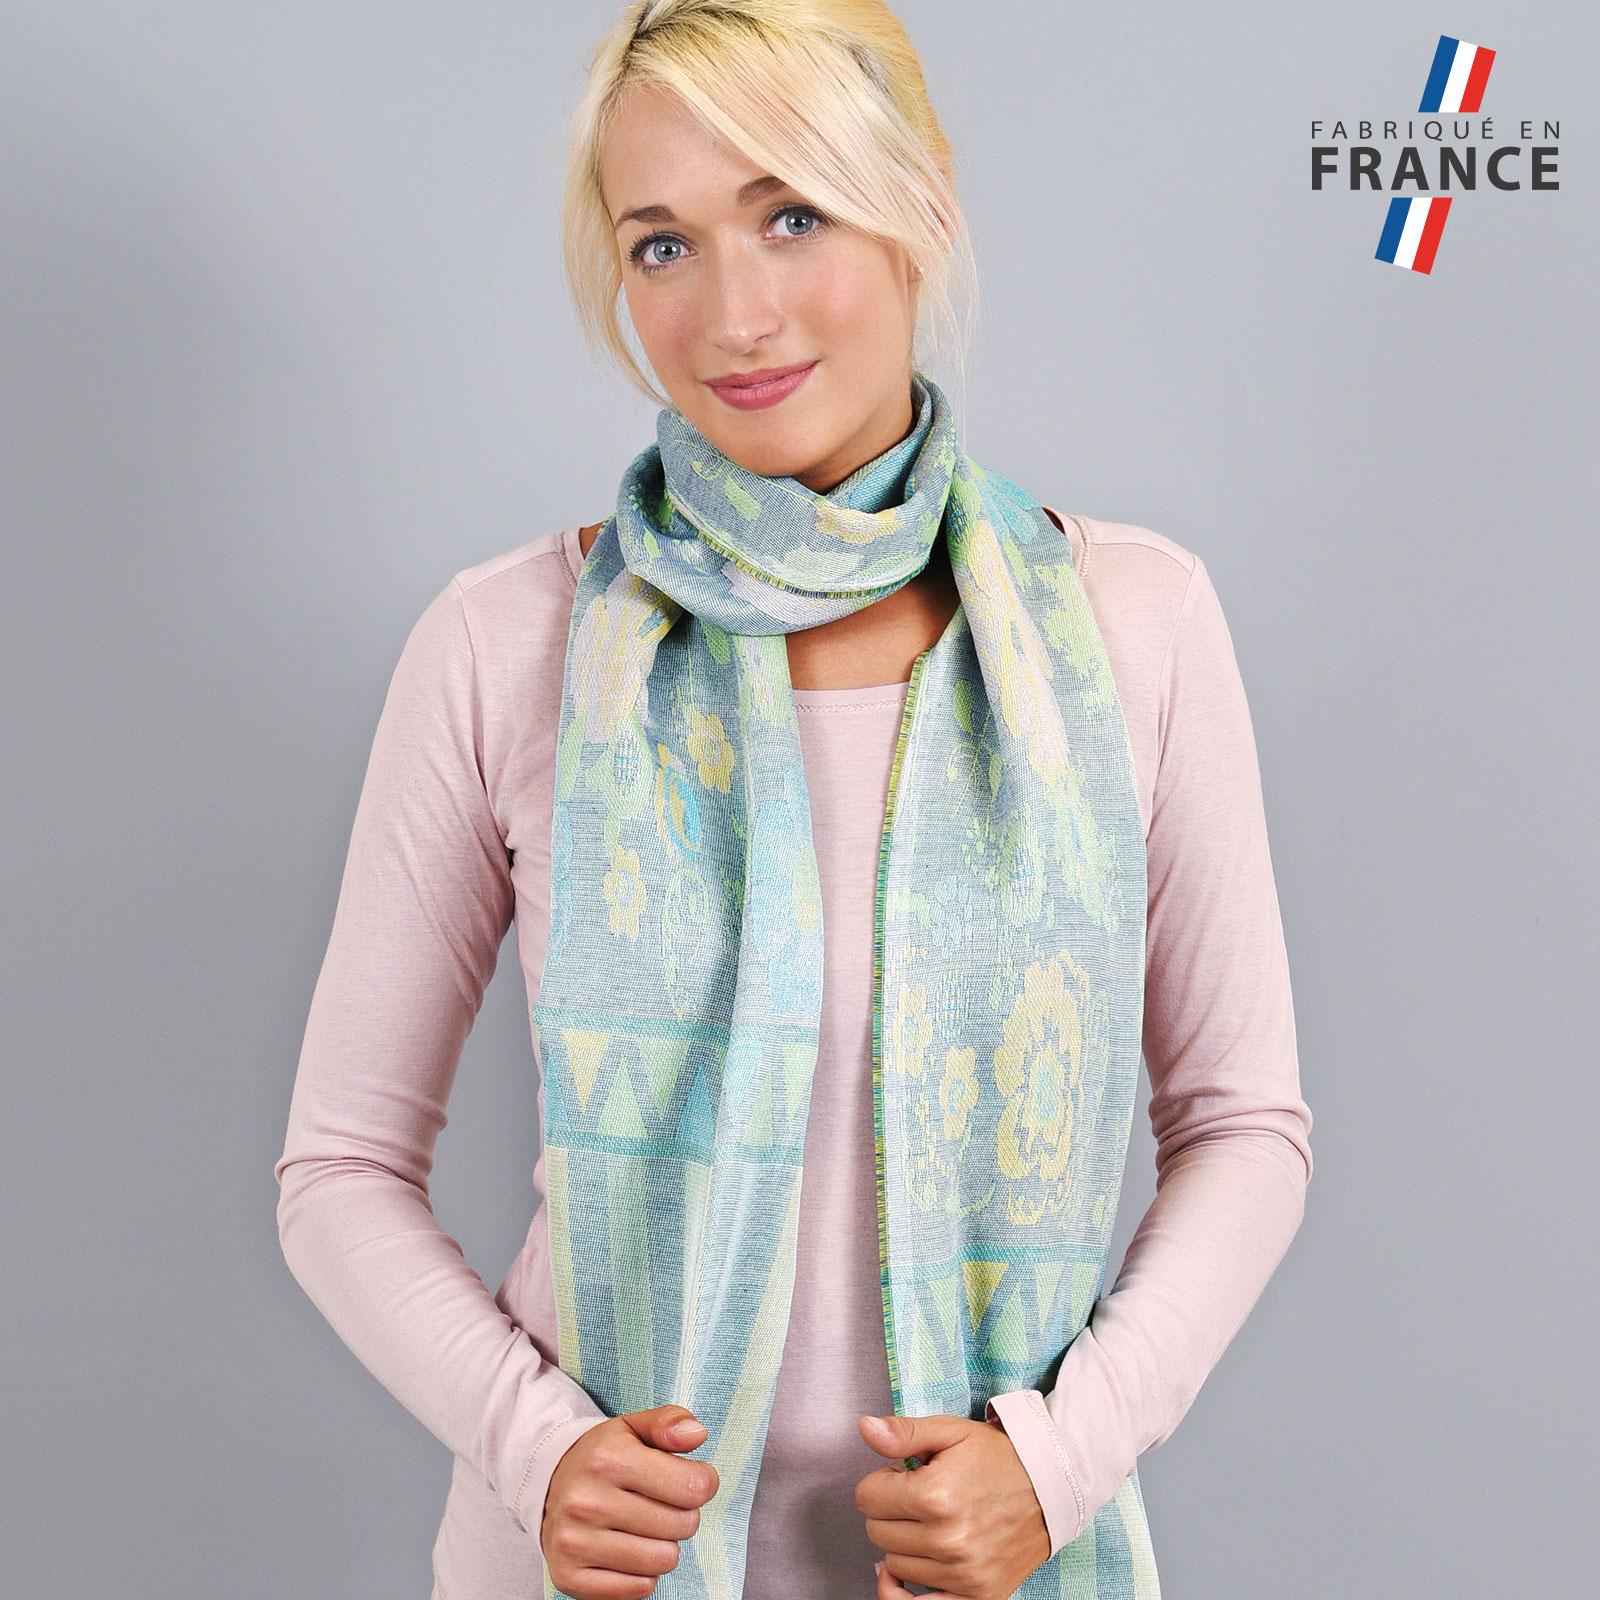 AT-04233-VF16-LB_FR-echarpe-legere-fabriquee-en-france-bandes-fleurs-vert-bleu